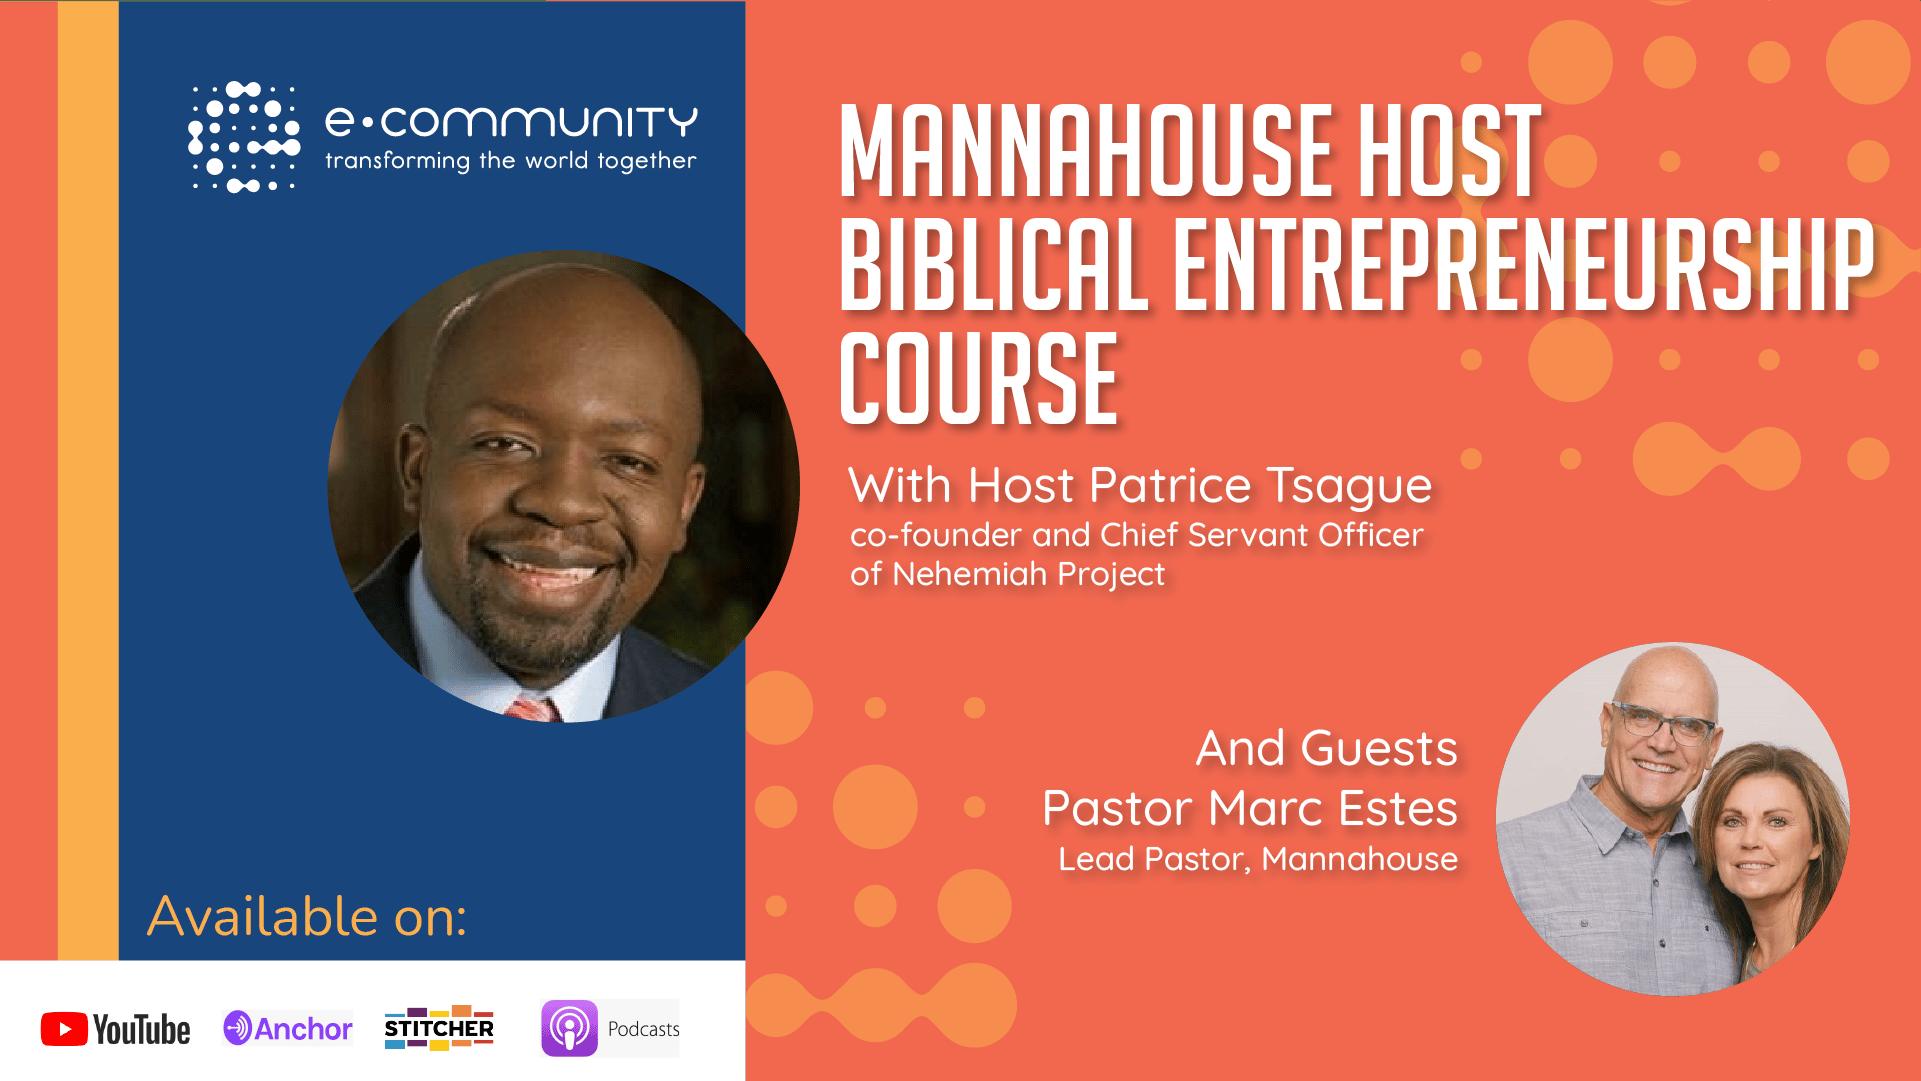 MannaHouse host Biblical Entrepreneurship Course